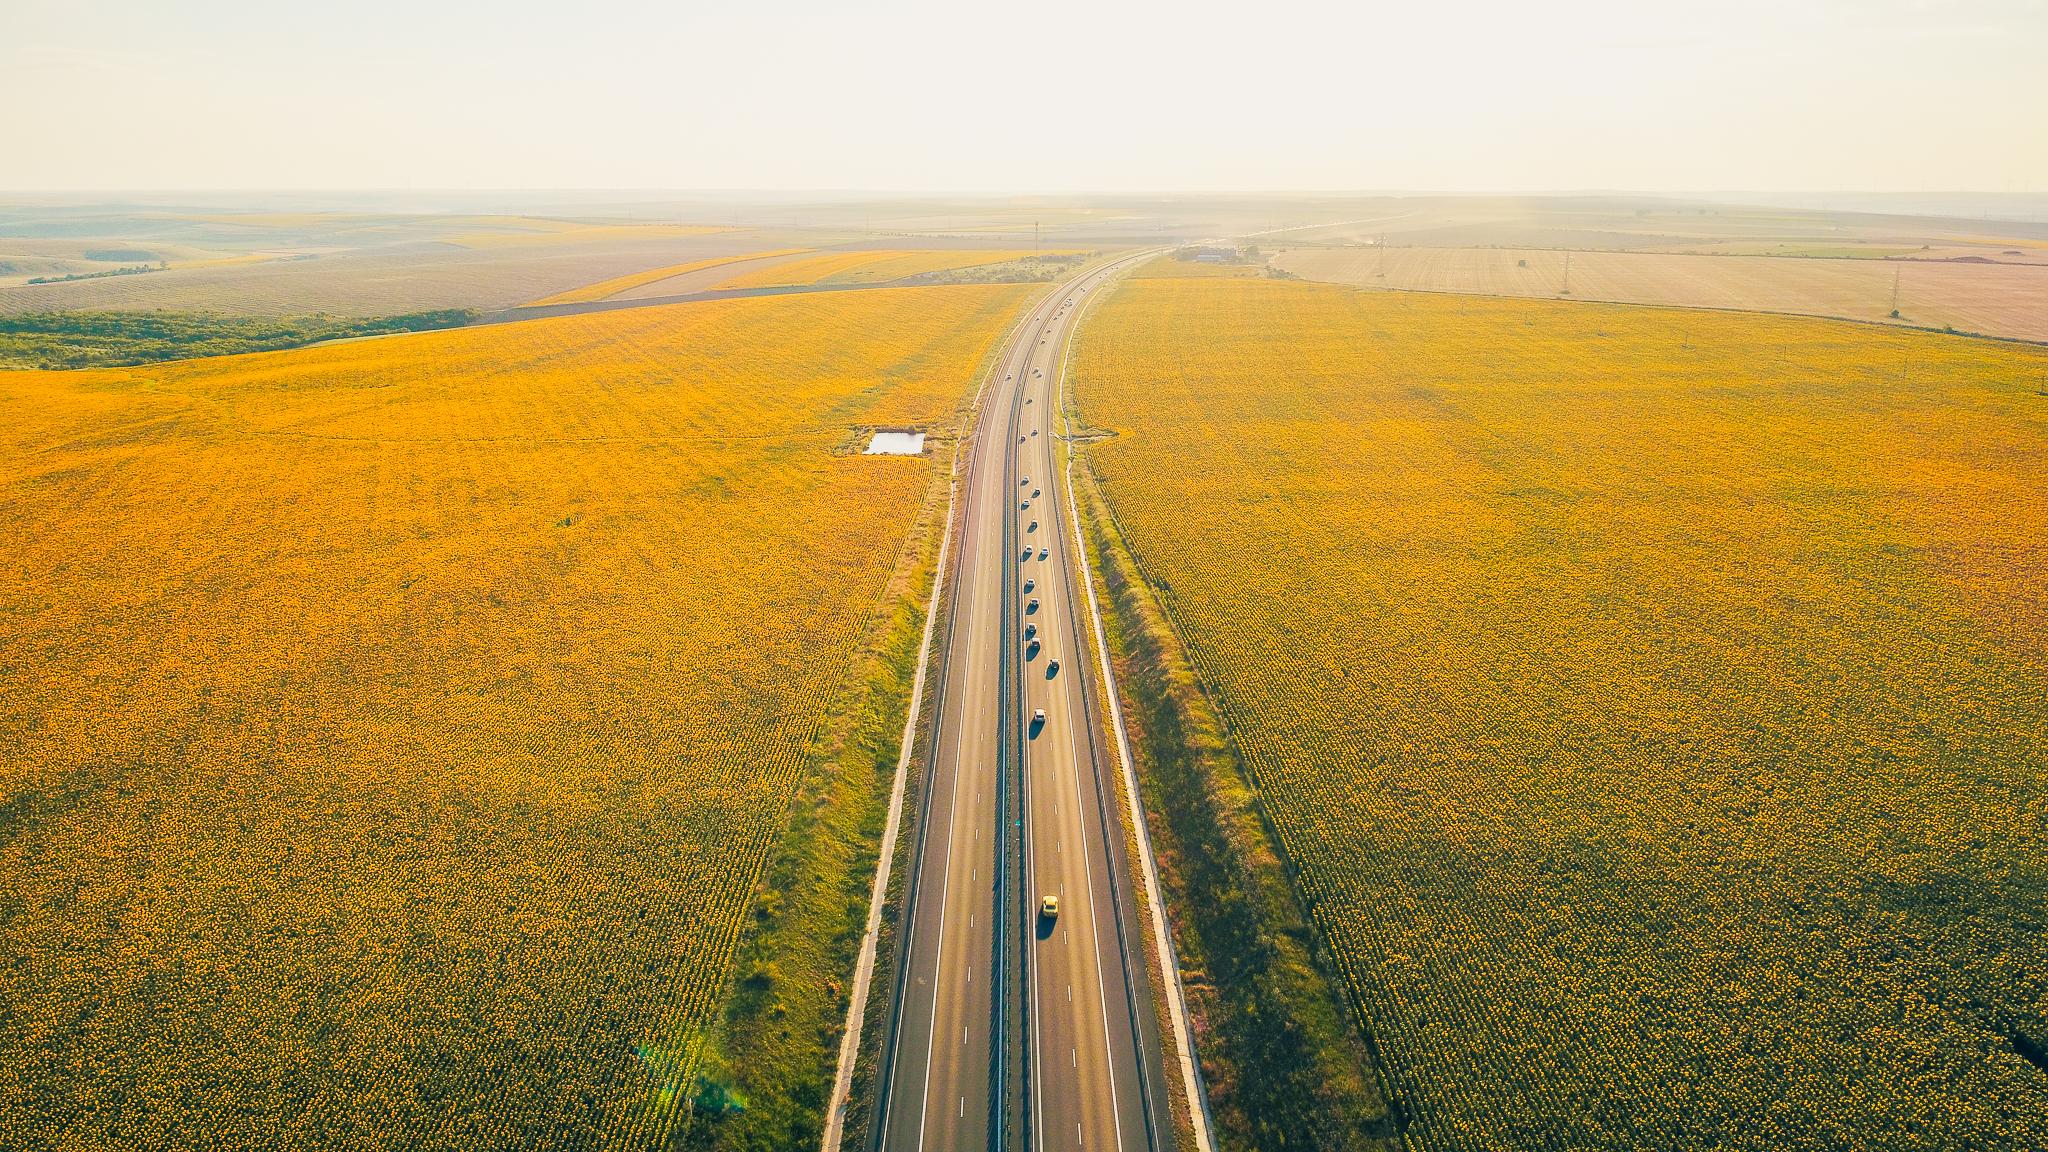 Alertă în trafic. În acest weekend sunt în vigoare restricții pe A2 și pe alte trei drumuri naționale. În ce intervale de timp se aplică restricțiile